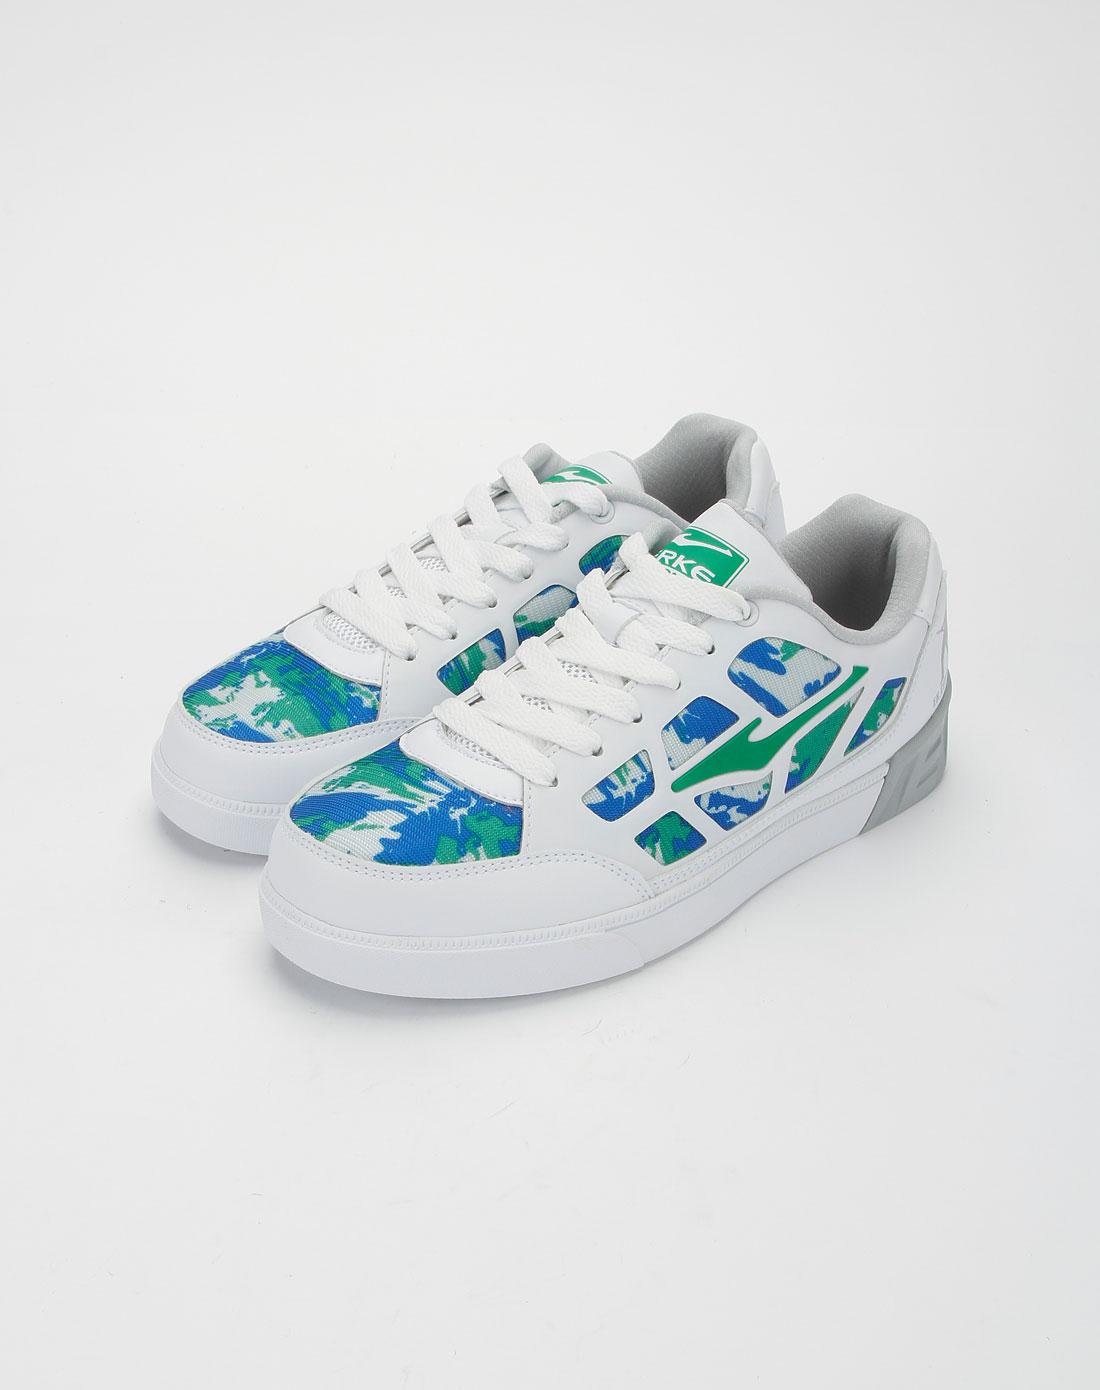 鸿星尔克erke男款正白色系带滑板鞋11112201081-001